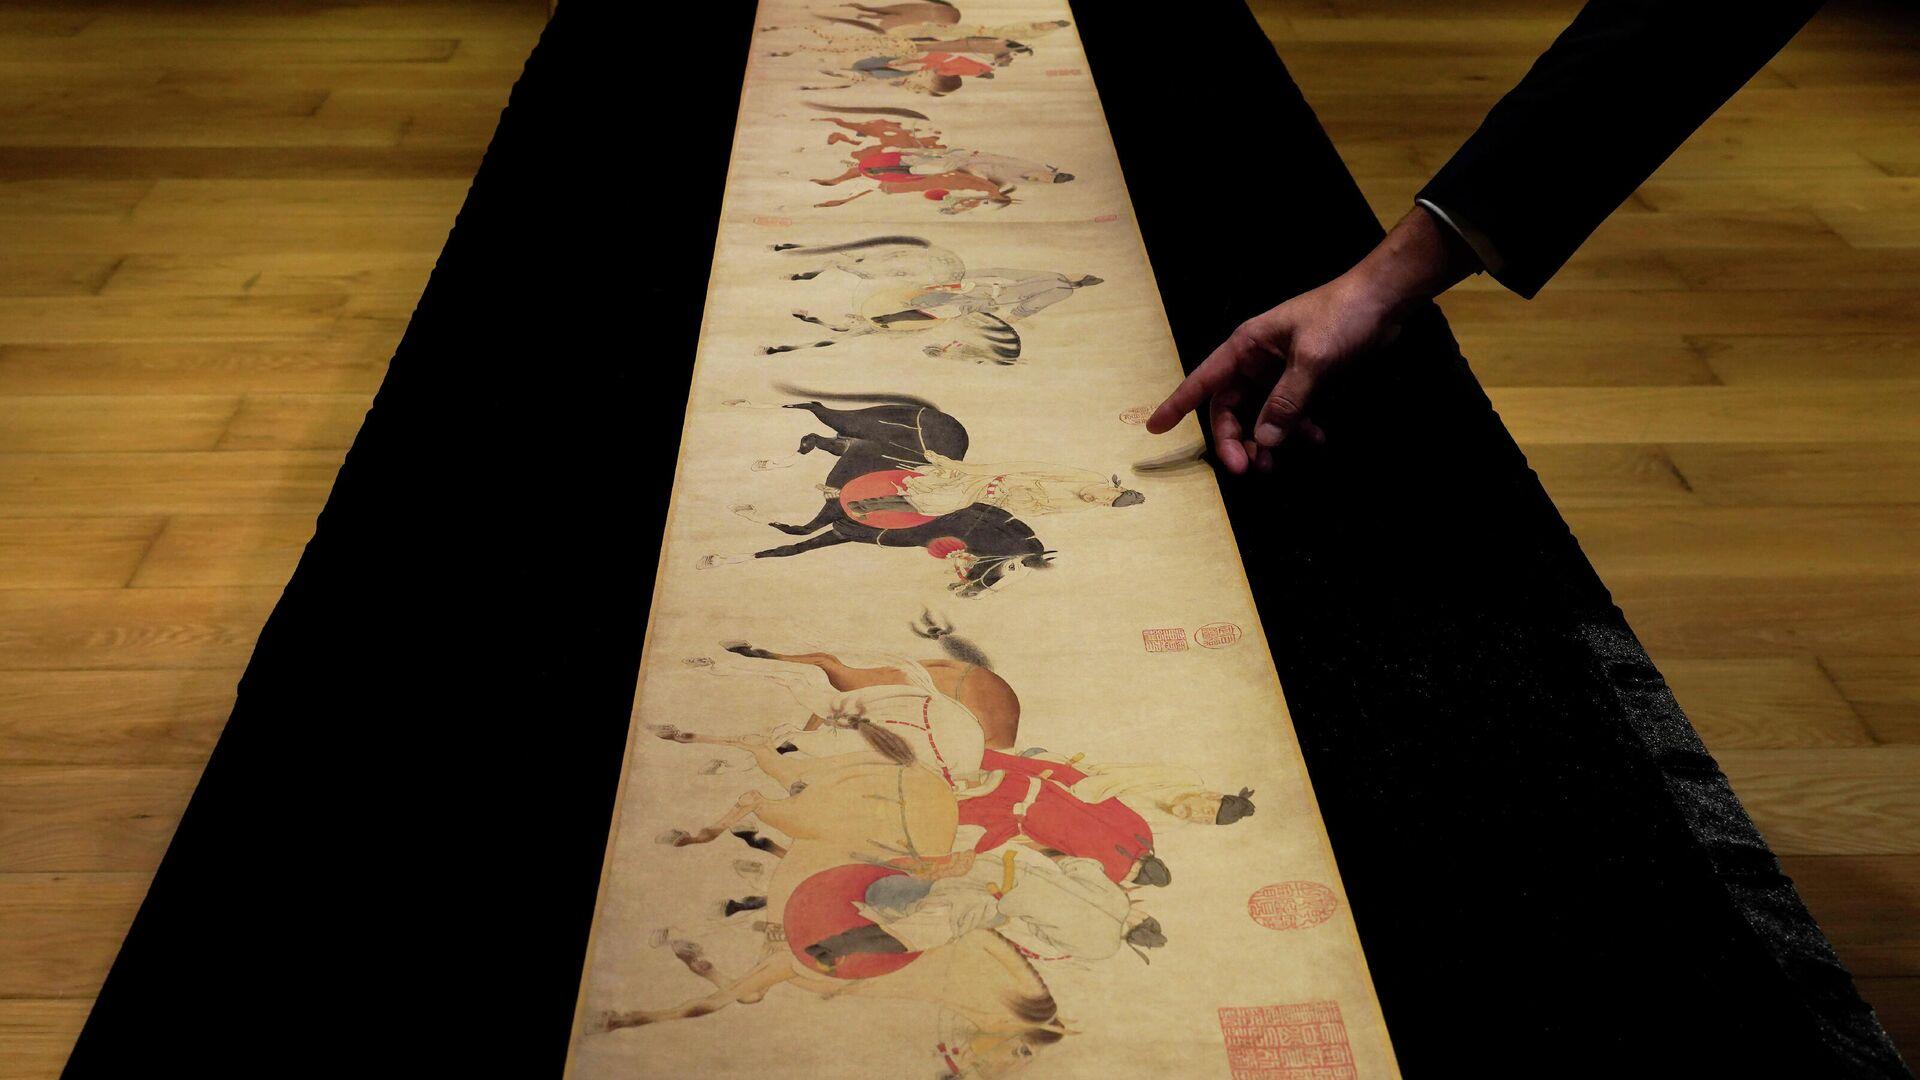 Китайский свиток Пять пьяных принцев возвращаются домой верхом на лошадях - РИА Новости, 1920, 09.10.2020